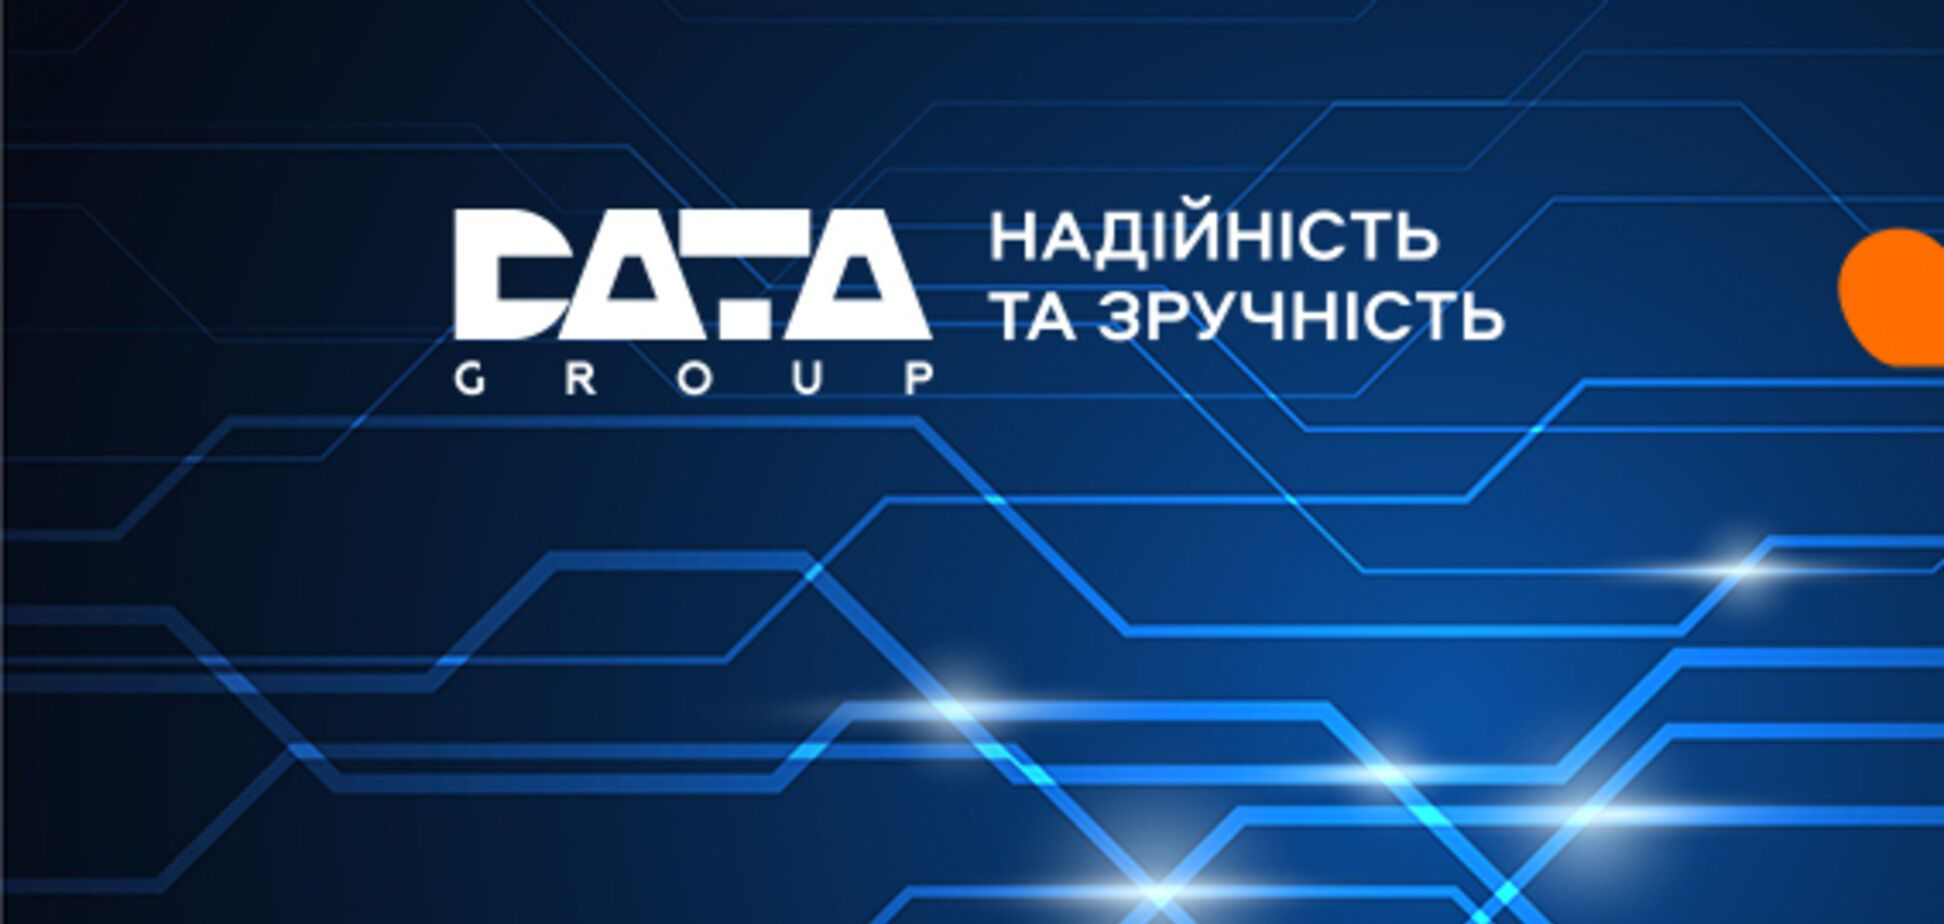 'Датагруп' підписала угоду щодо придбання 100% групи компаній Volia